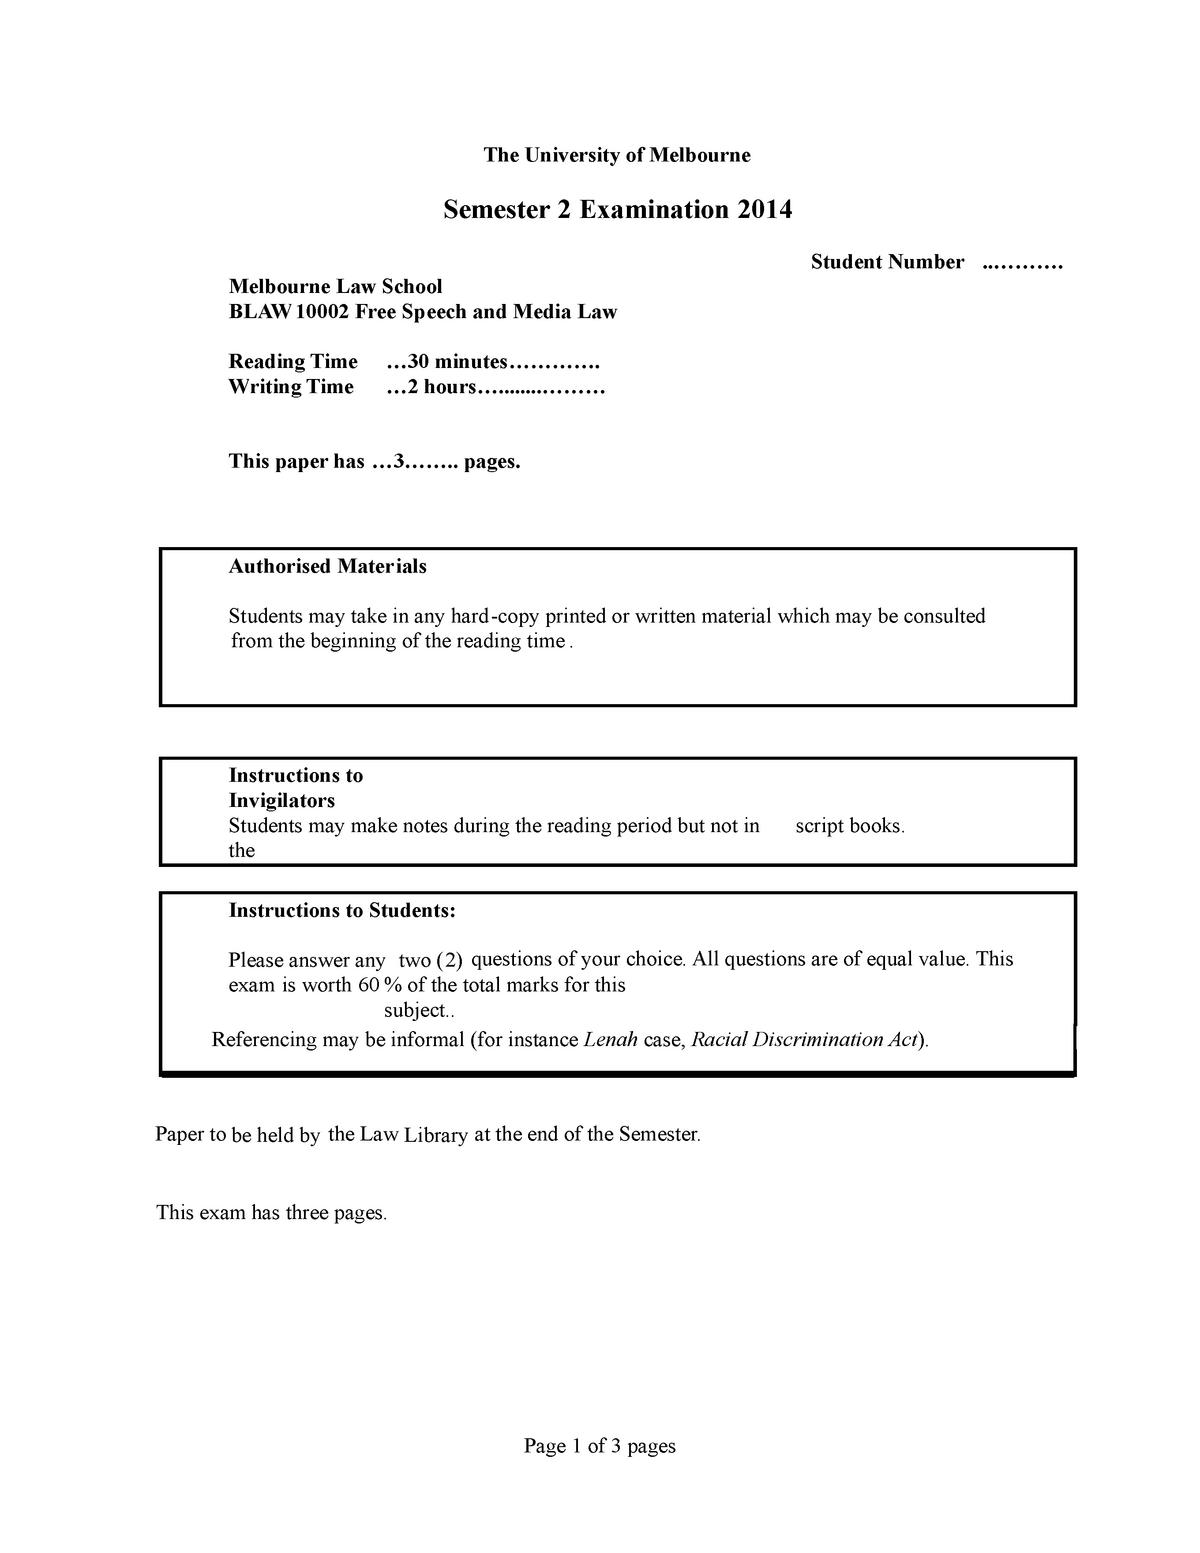 Exam 2014 - BLAW10002: Free Speech And Media Law - StuDocu